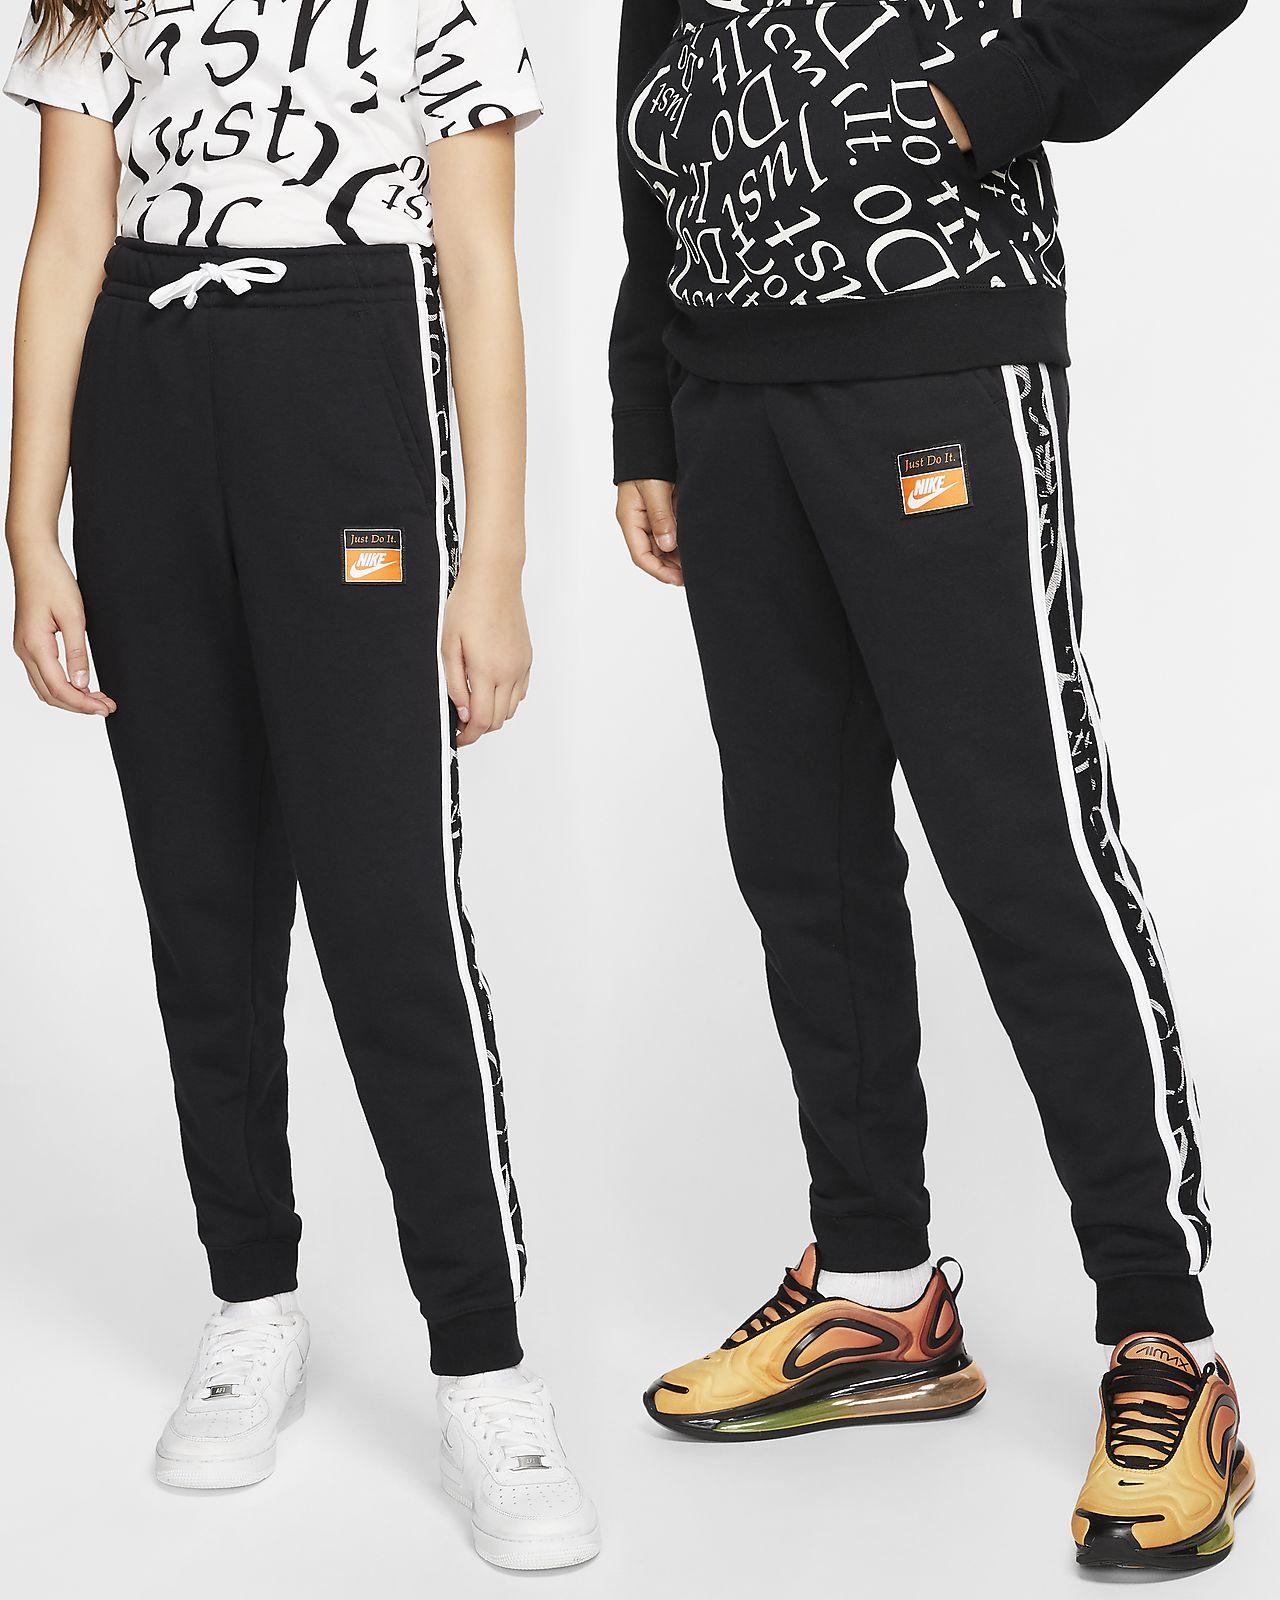 tribu voz Cabeza  pantalon niño nike - Tienda Online de Zapatos, Ropa y Complementos de marca